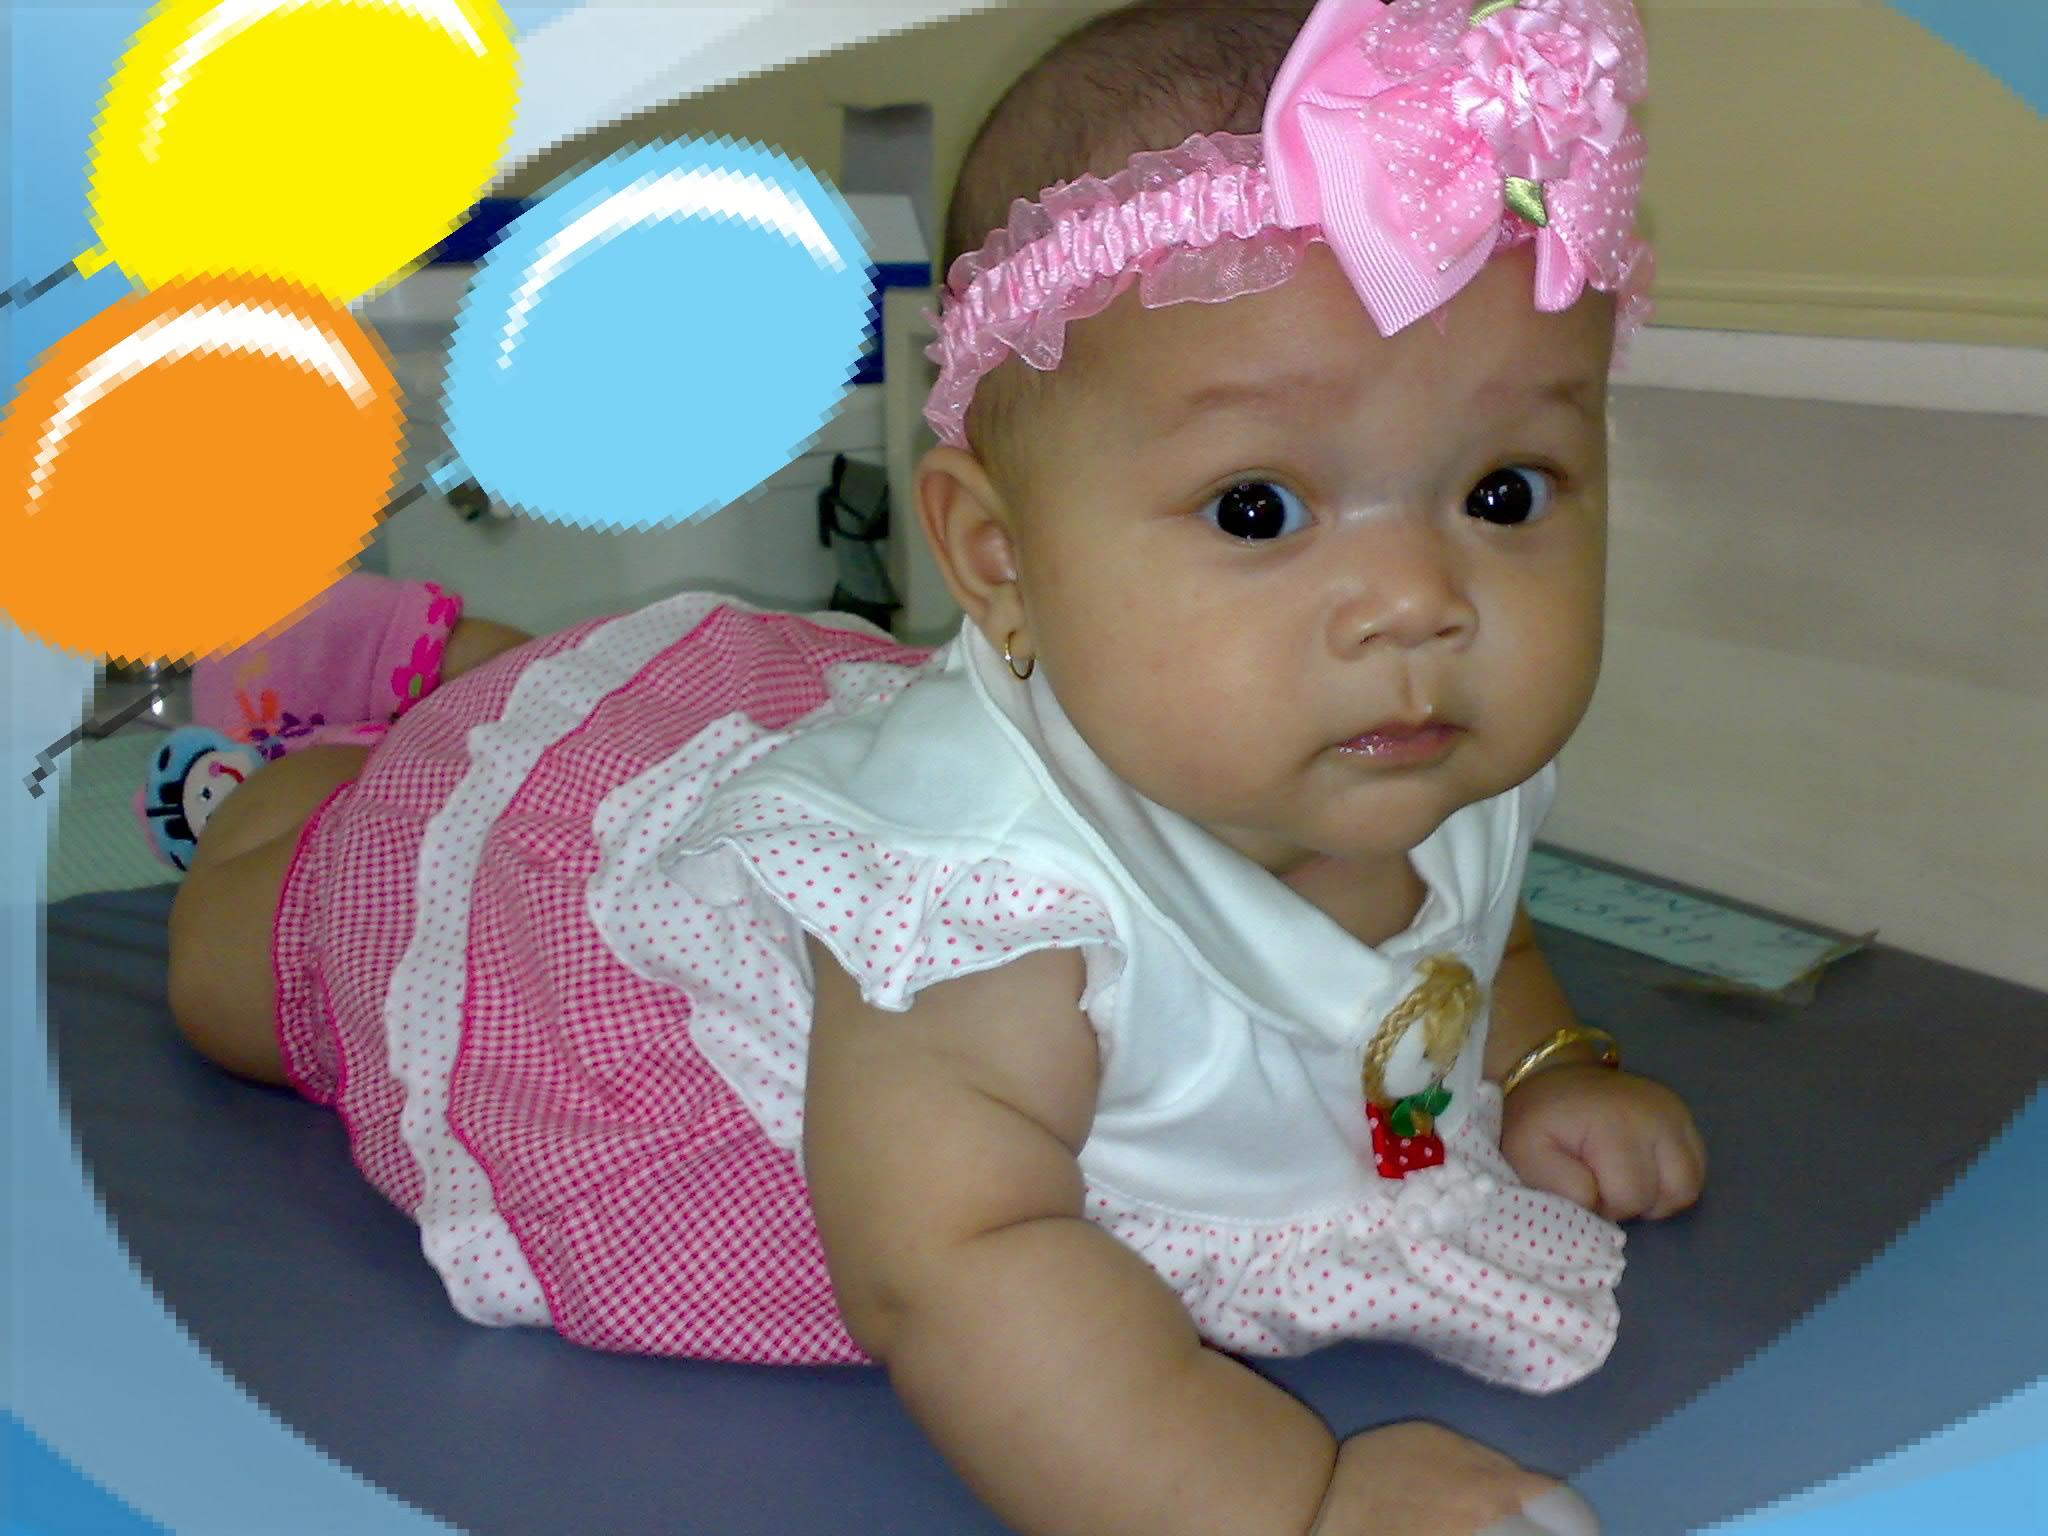 perawatan yang perlu dilakukan ketika memasuki tahap perkembangan bayi usia 2 bulan